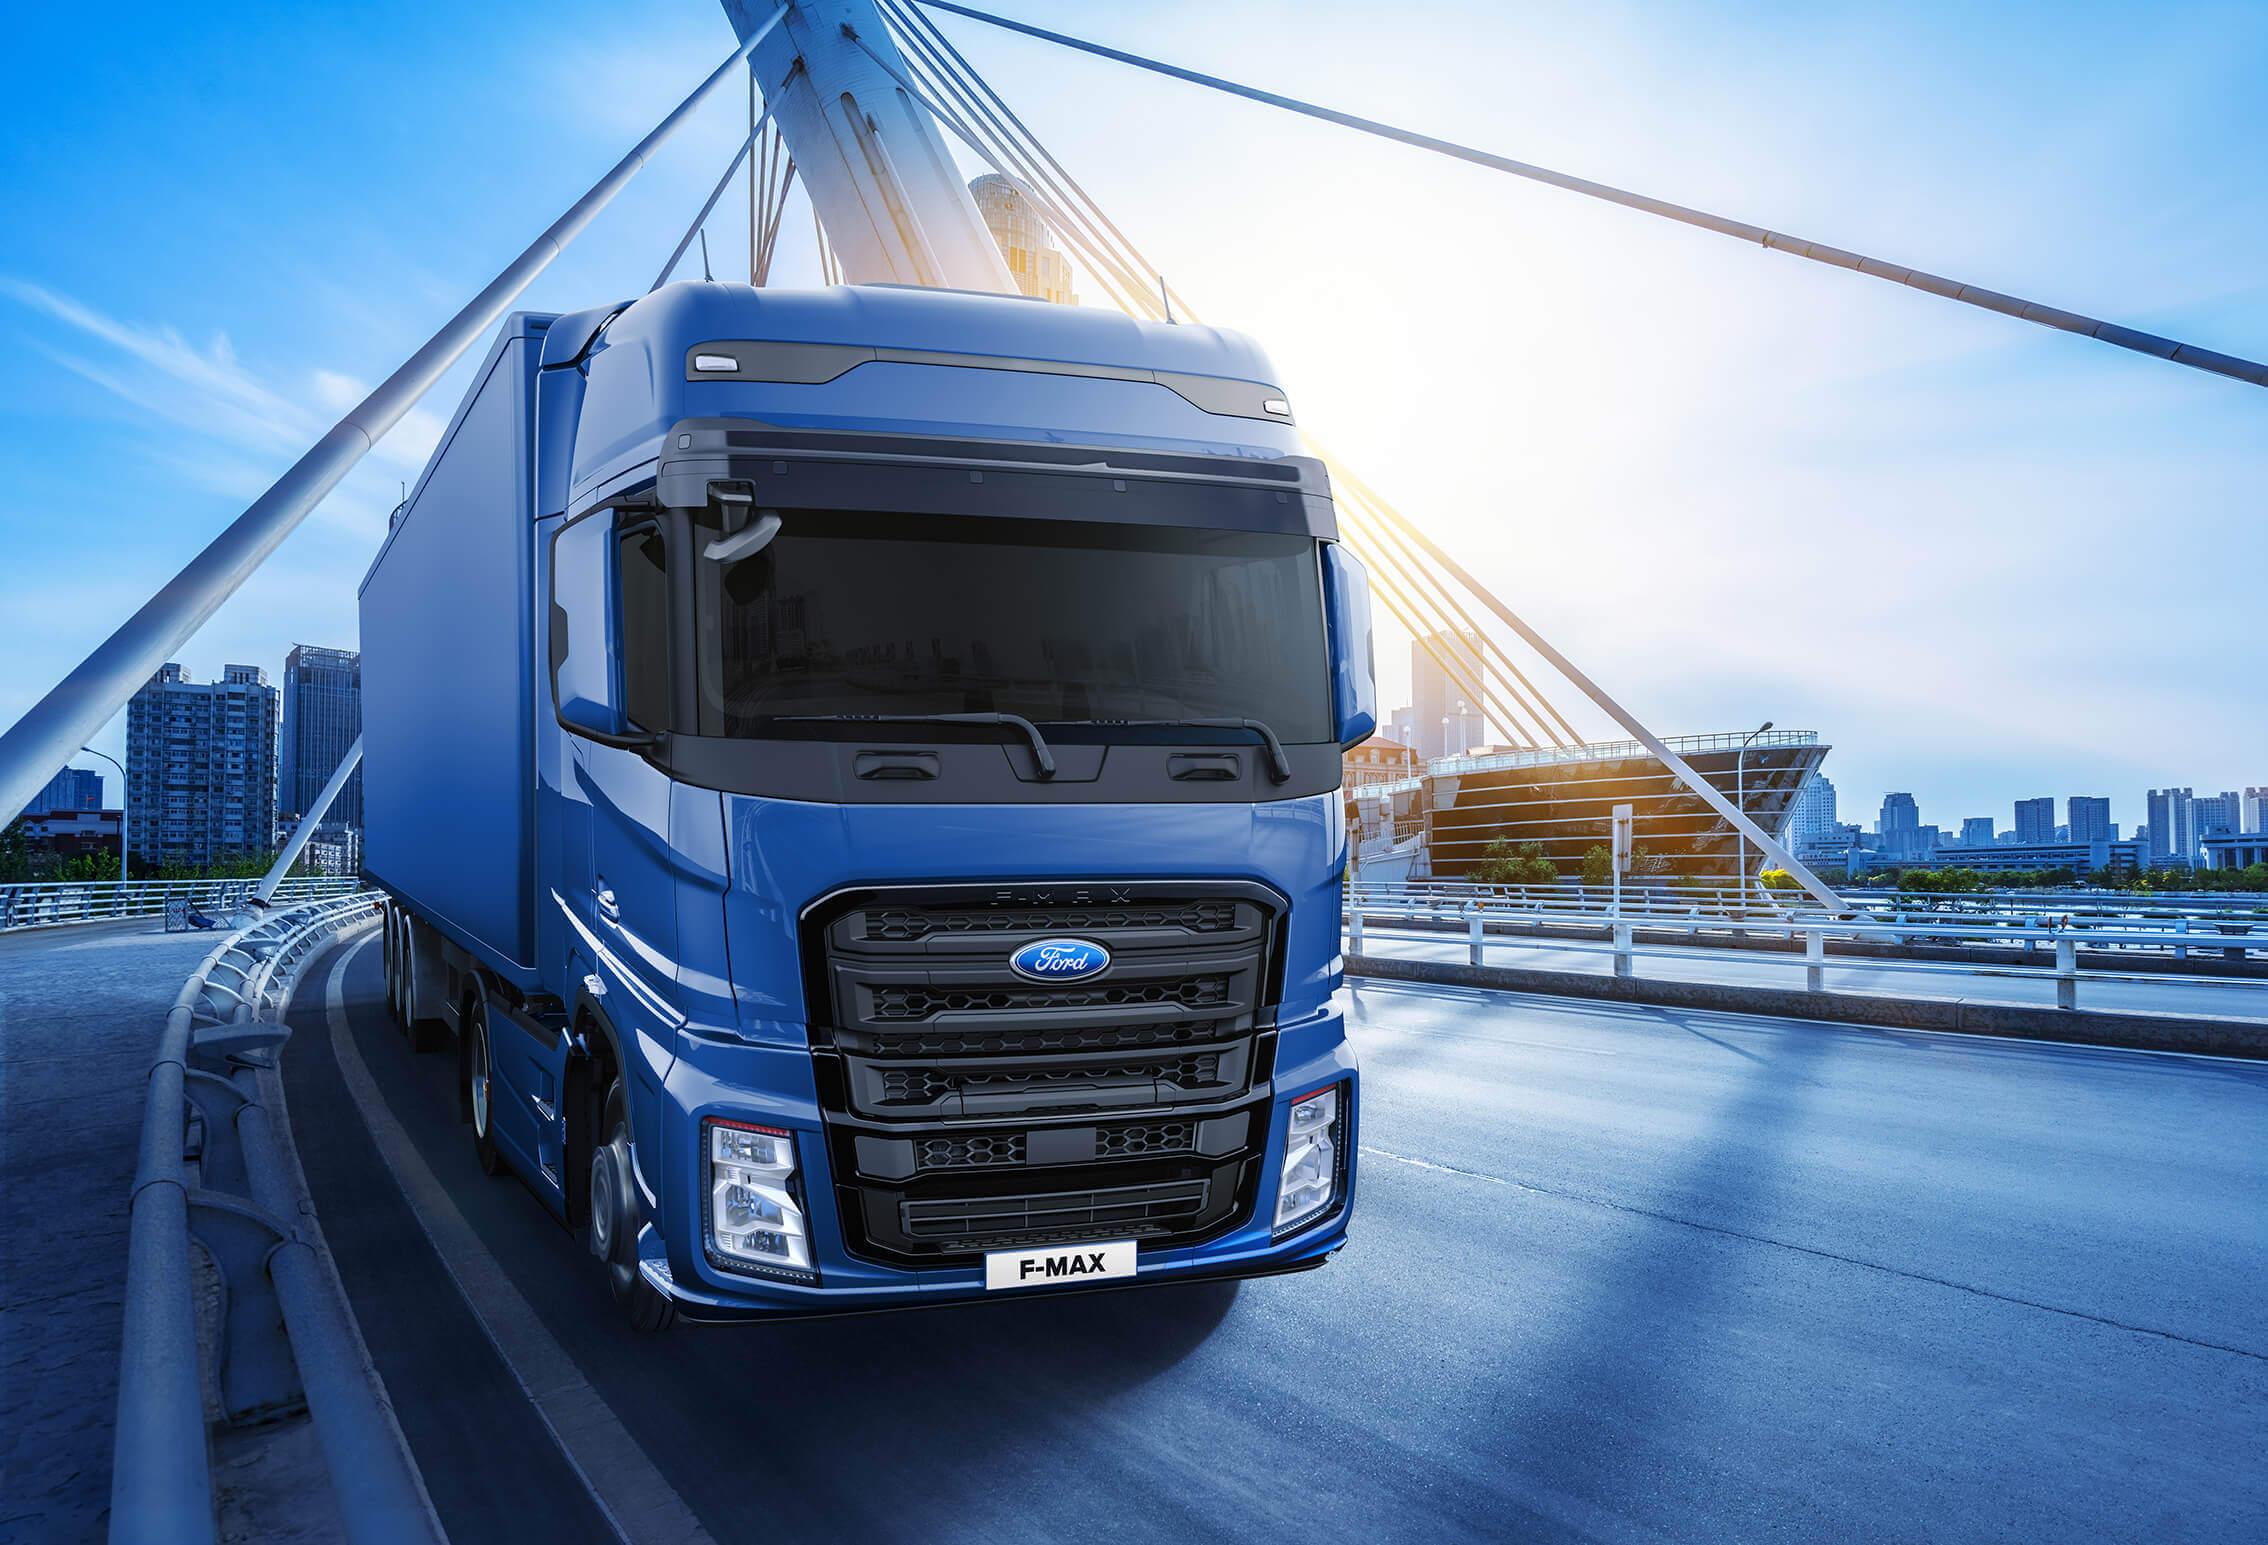 Lansarea Noului AutoTractor Ford Trucks Câștigătorul International Truck of the Year 2019 (ITOY) Ford Trucks F-MAX - Confort, Putere, Eficiență și Tehnologie de Ultimă Oră